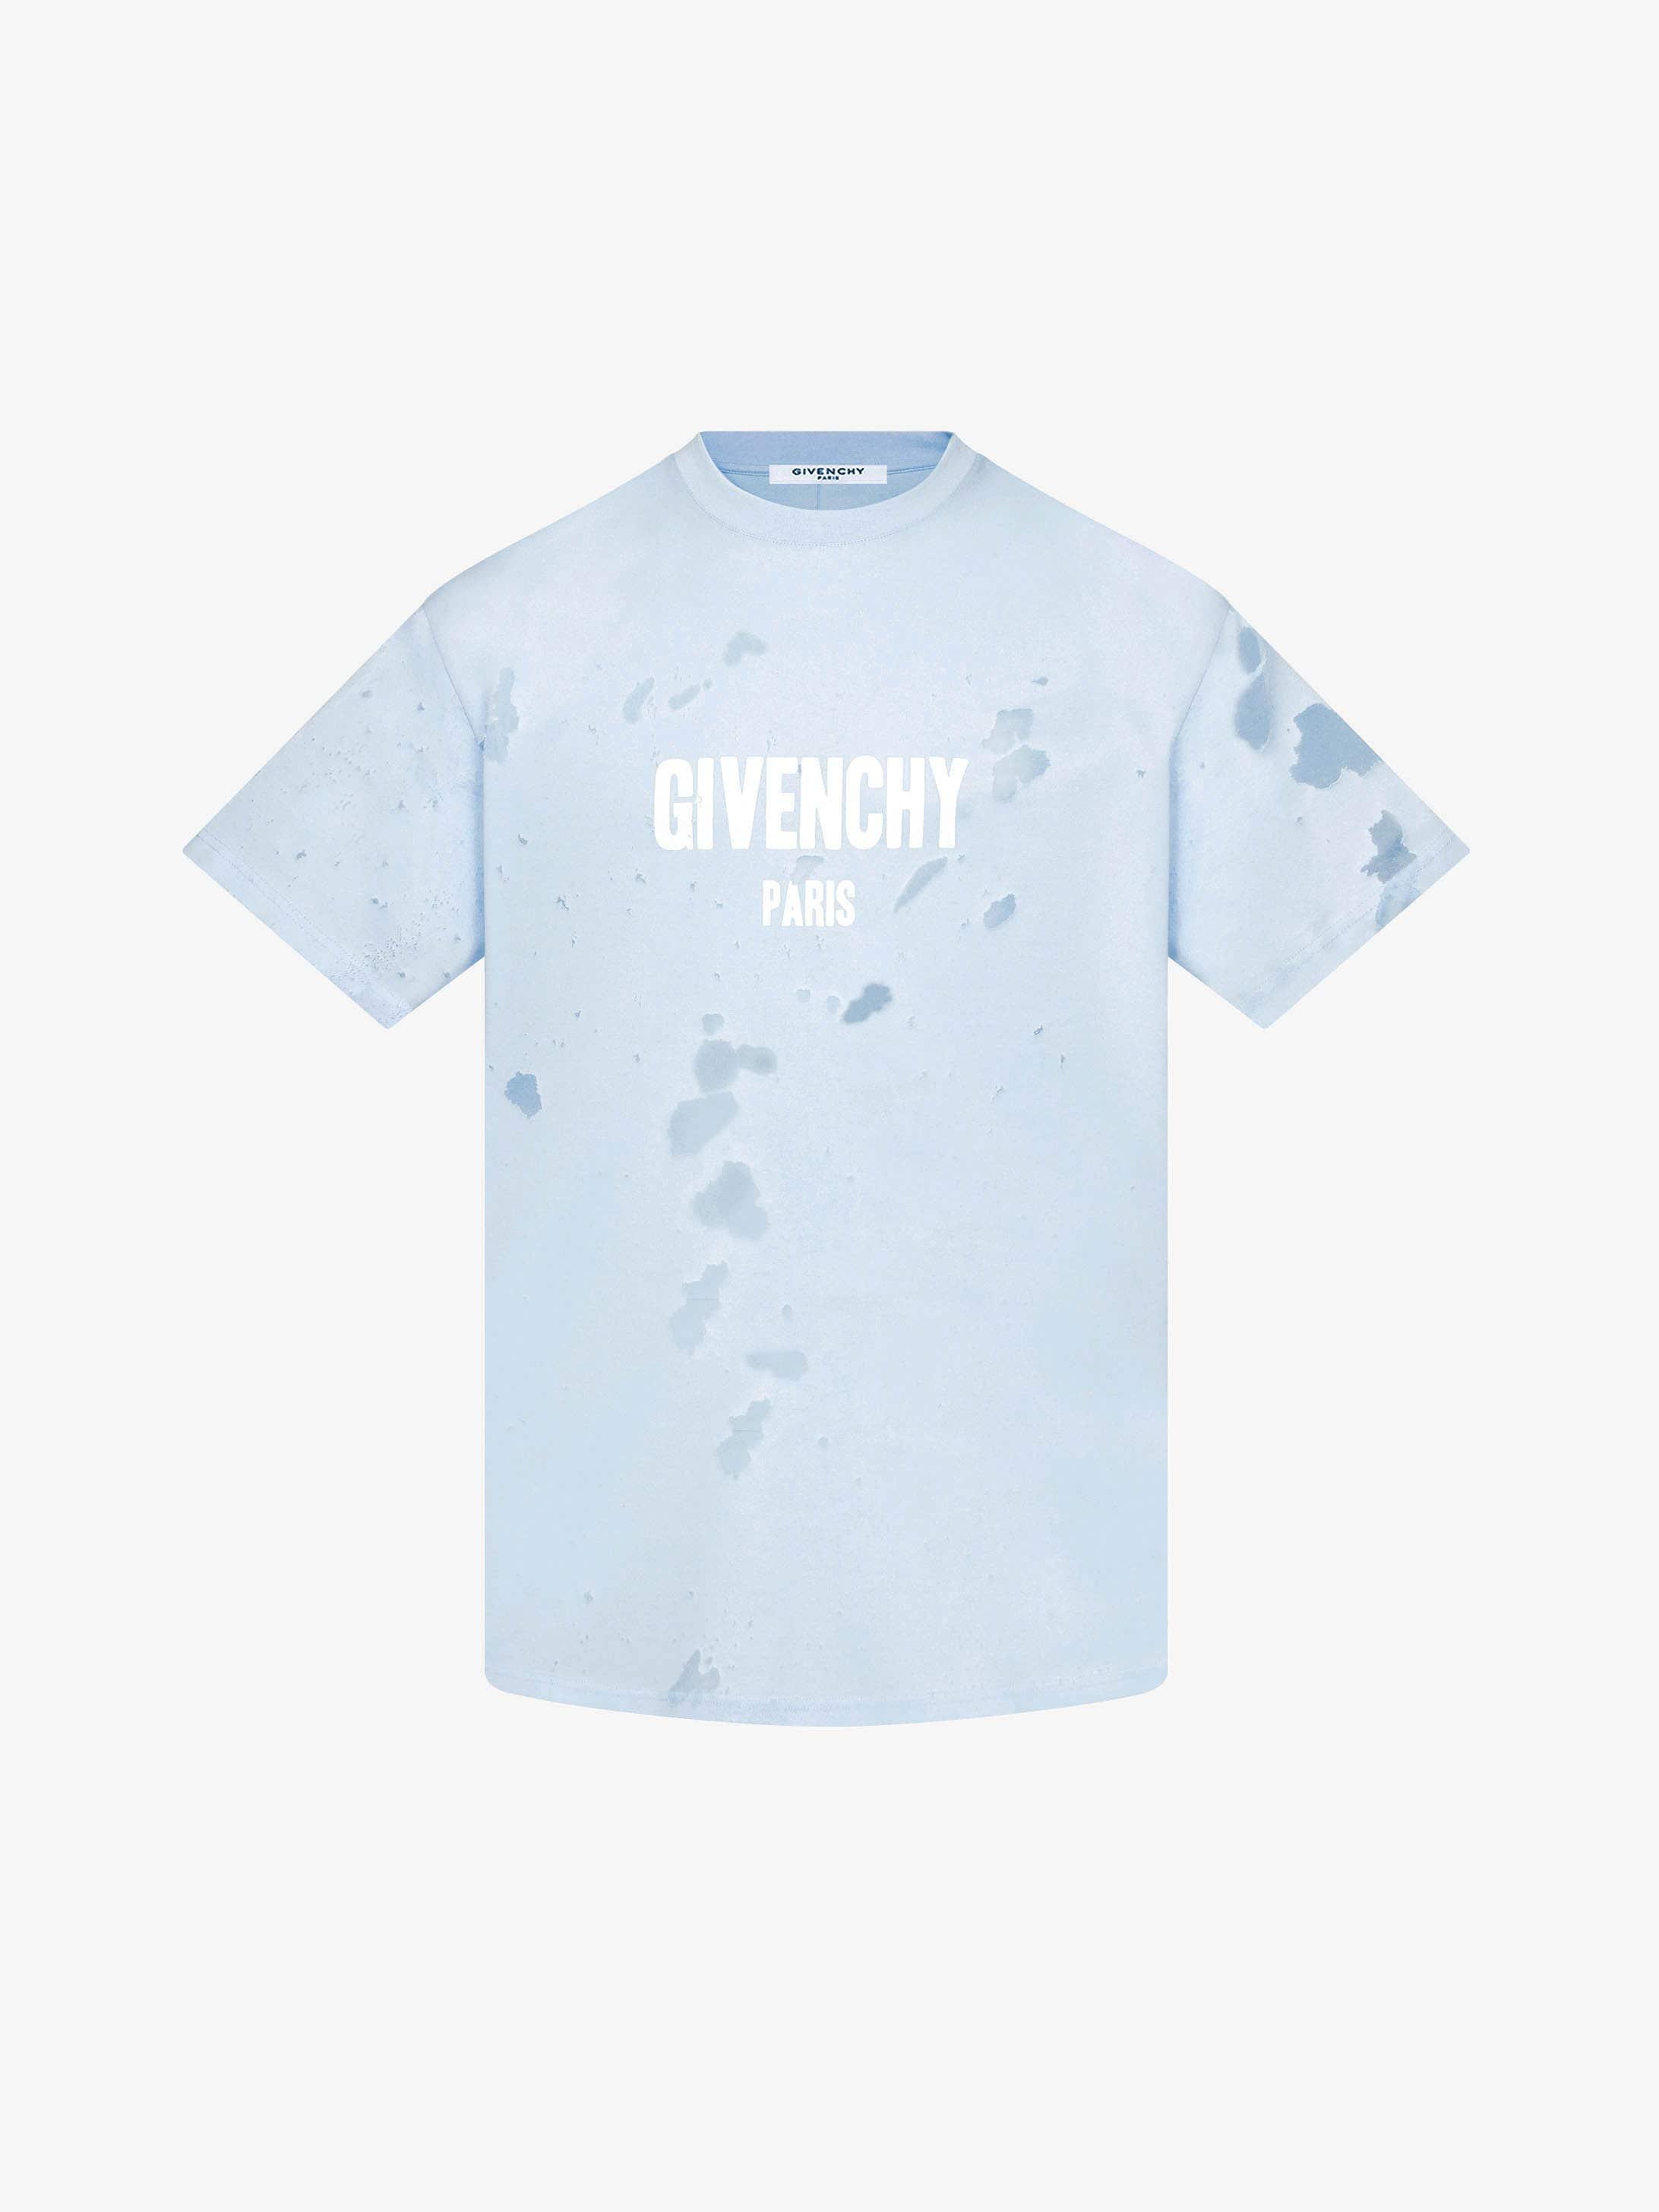 givenchy paris shirt t shirt design database. Black Bedroom Furniture Sets. Home Design Ideas